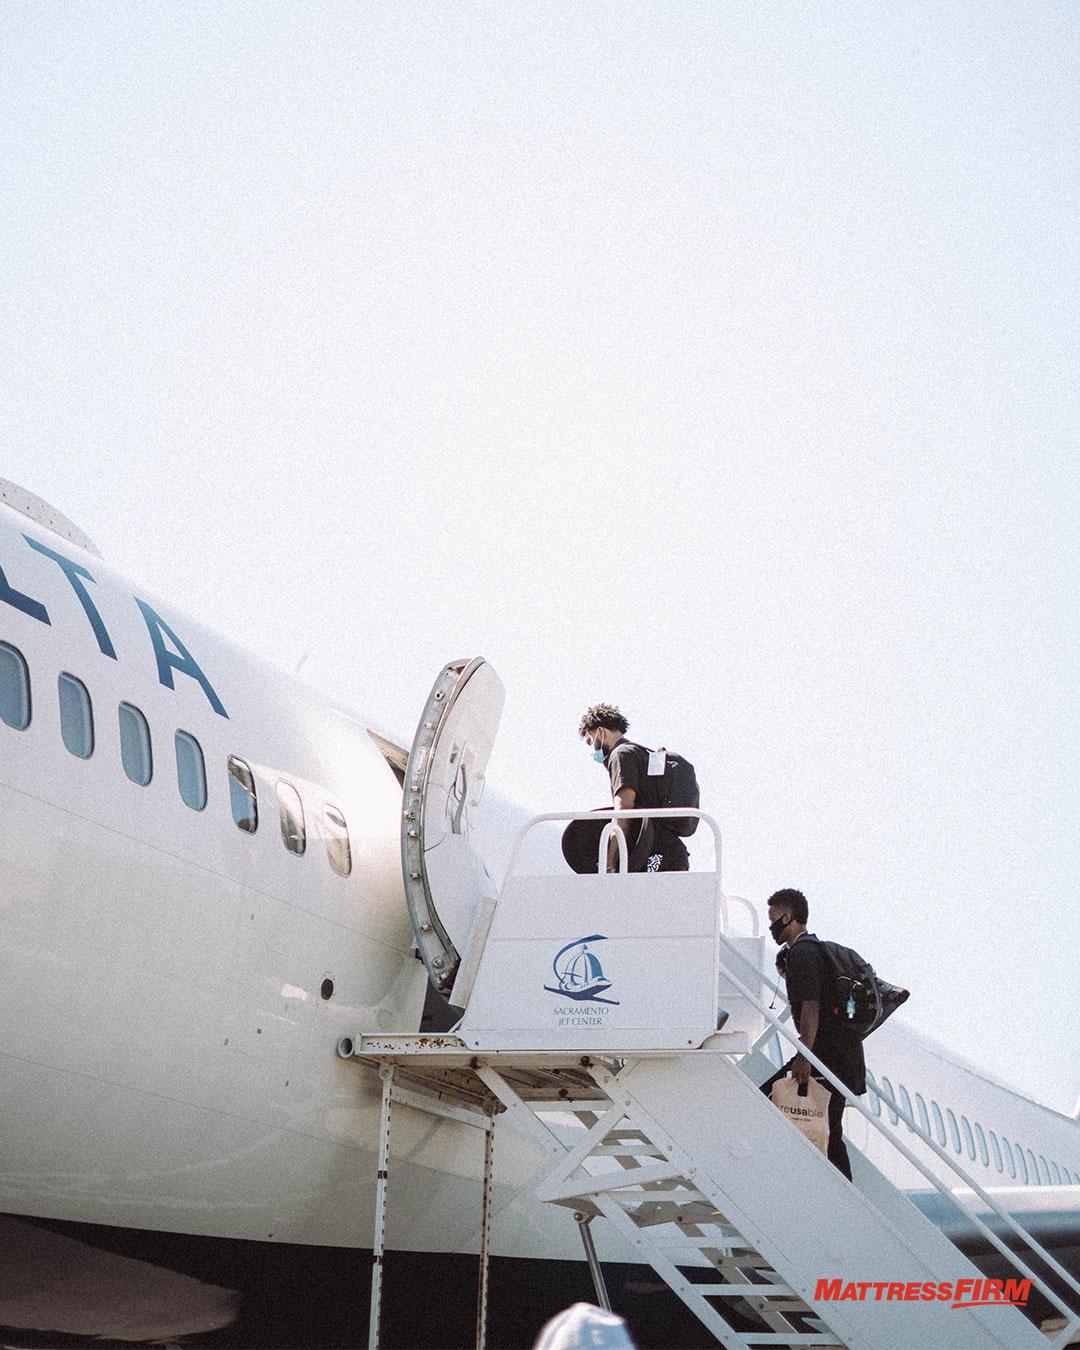 国王官推发布球队登机照:萨克拉门托飞往奥兰多